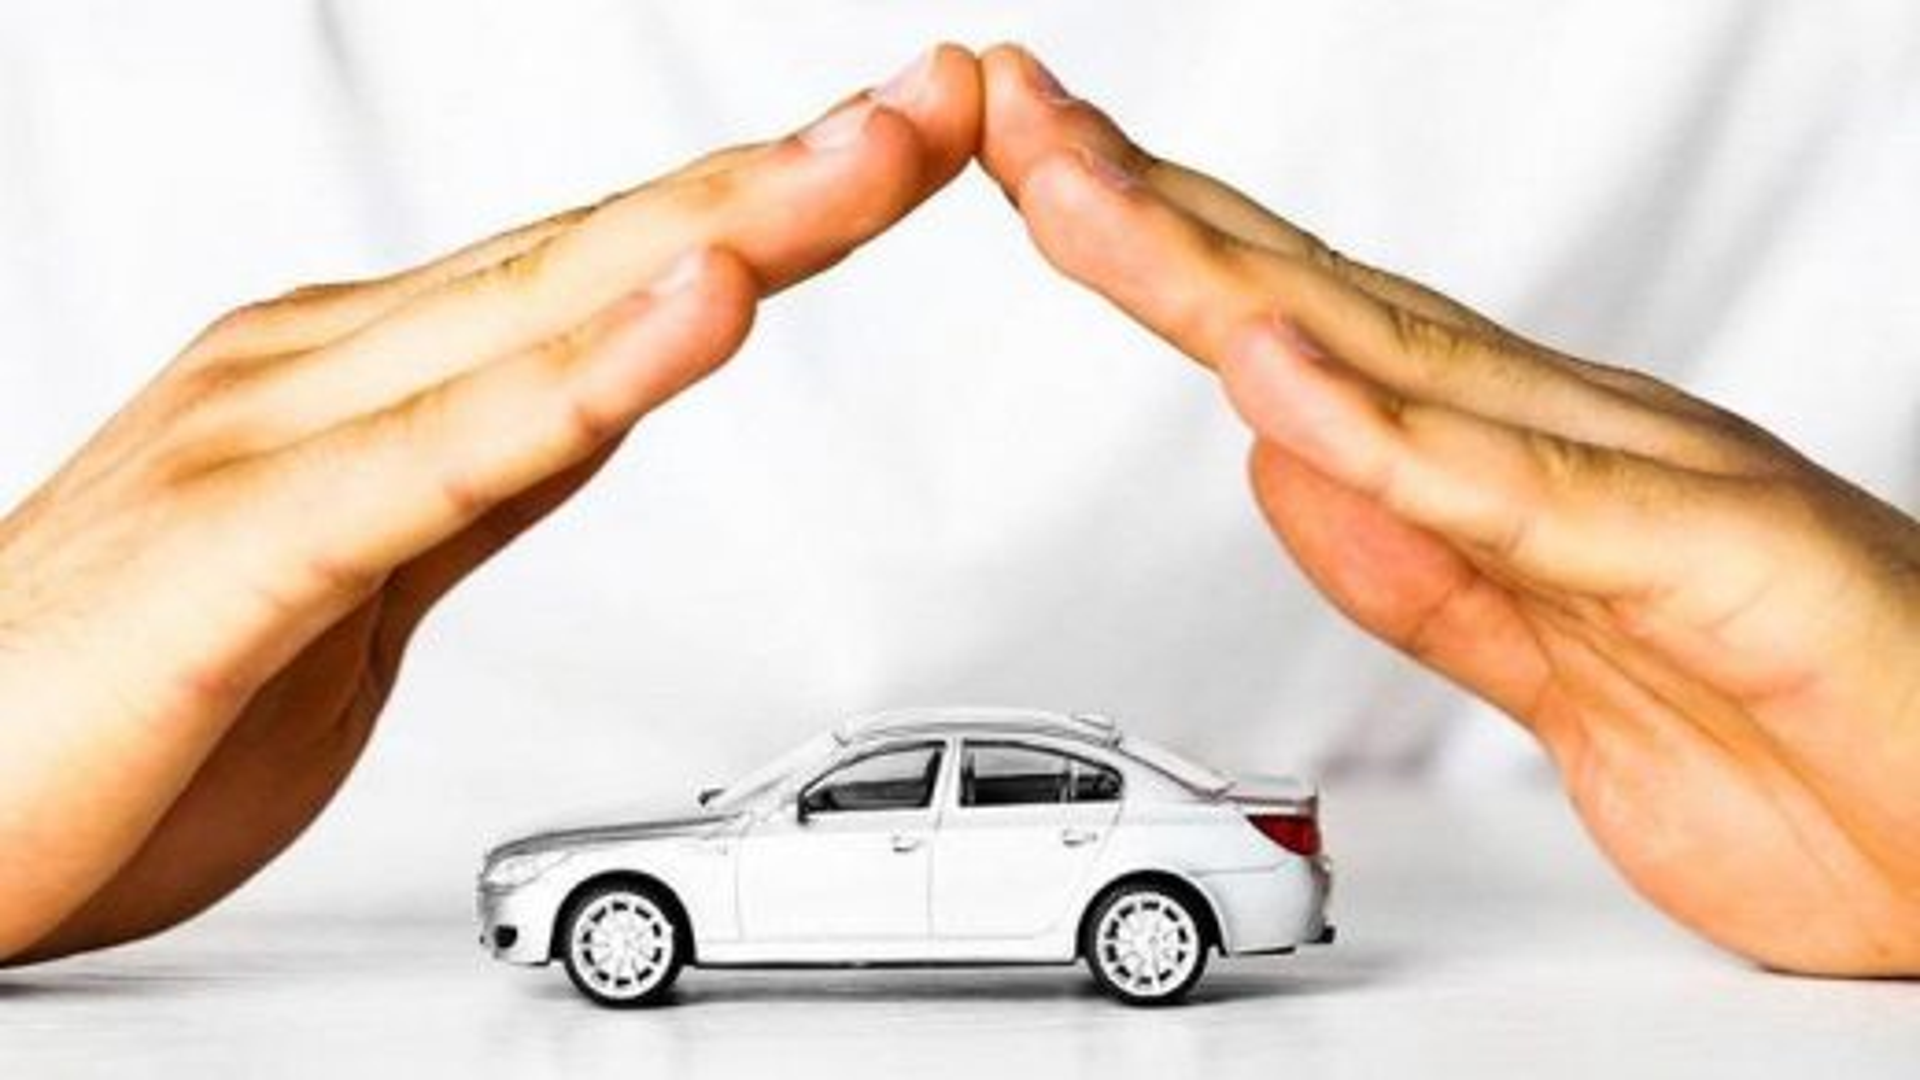 بیمه خودرو | تگ